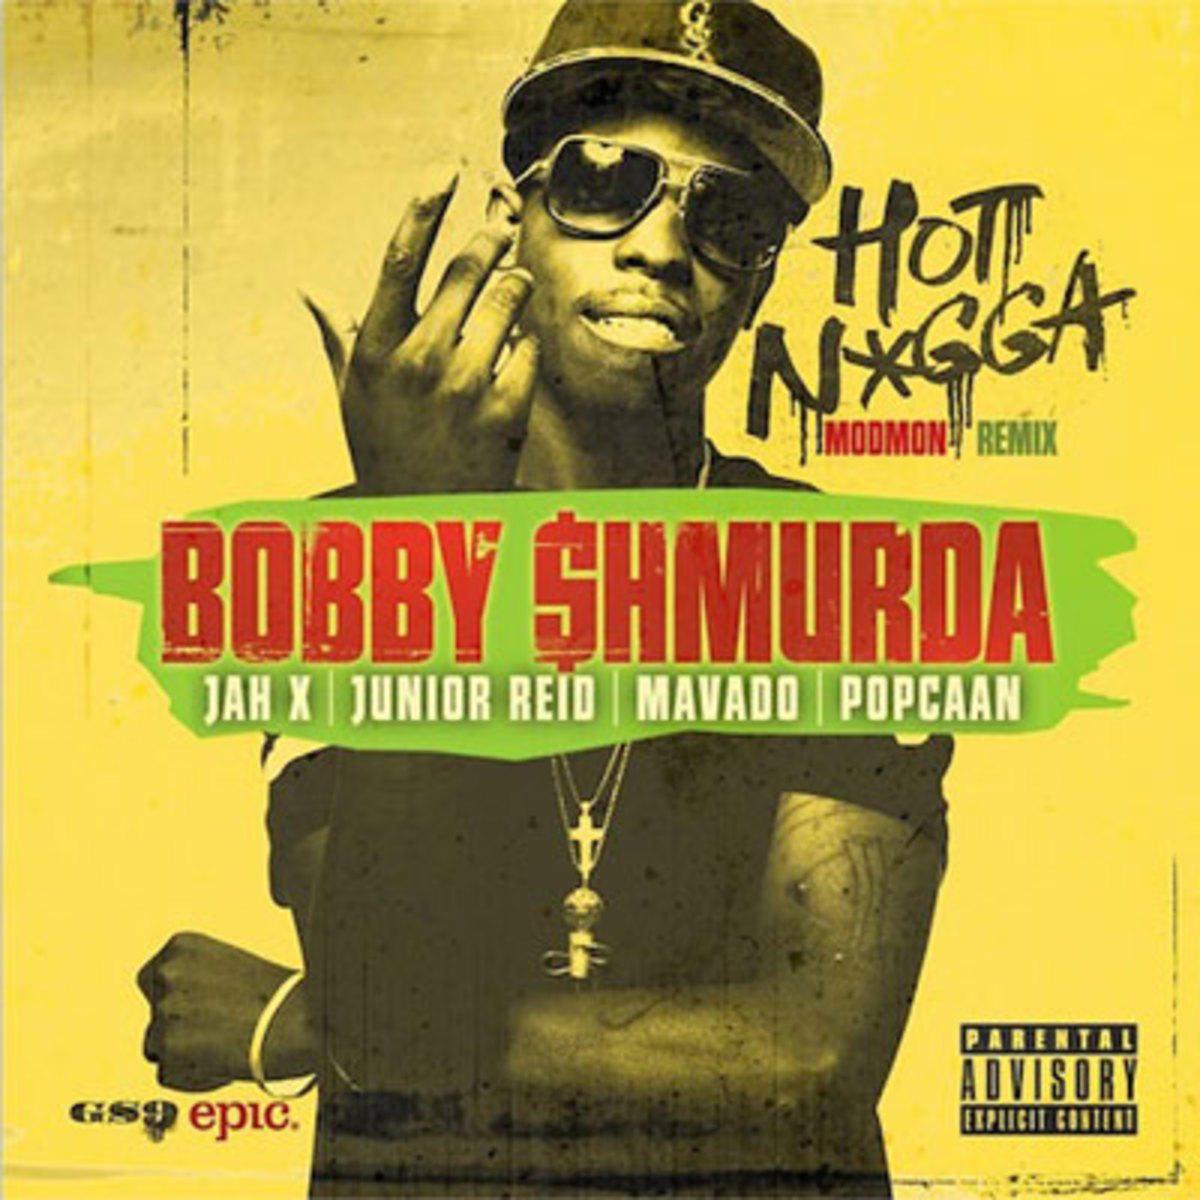 bobbyshmurda-hotnigrmx.jpg